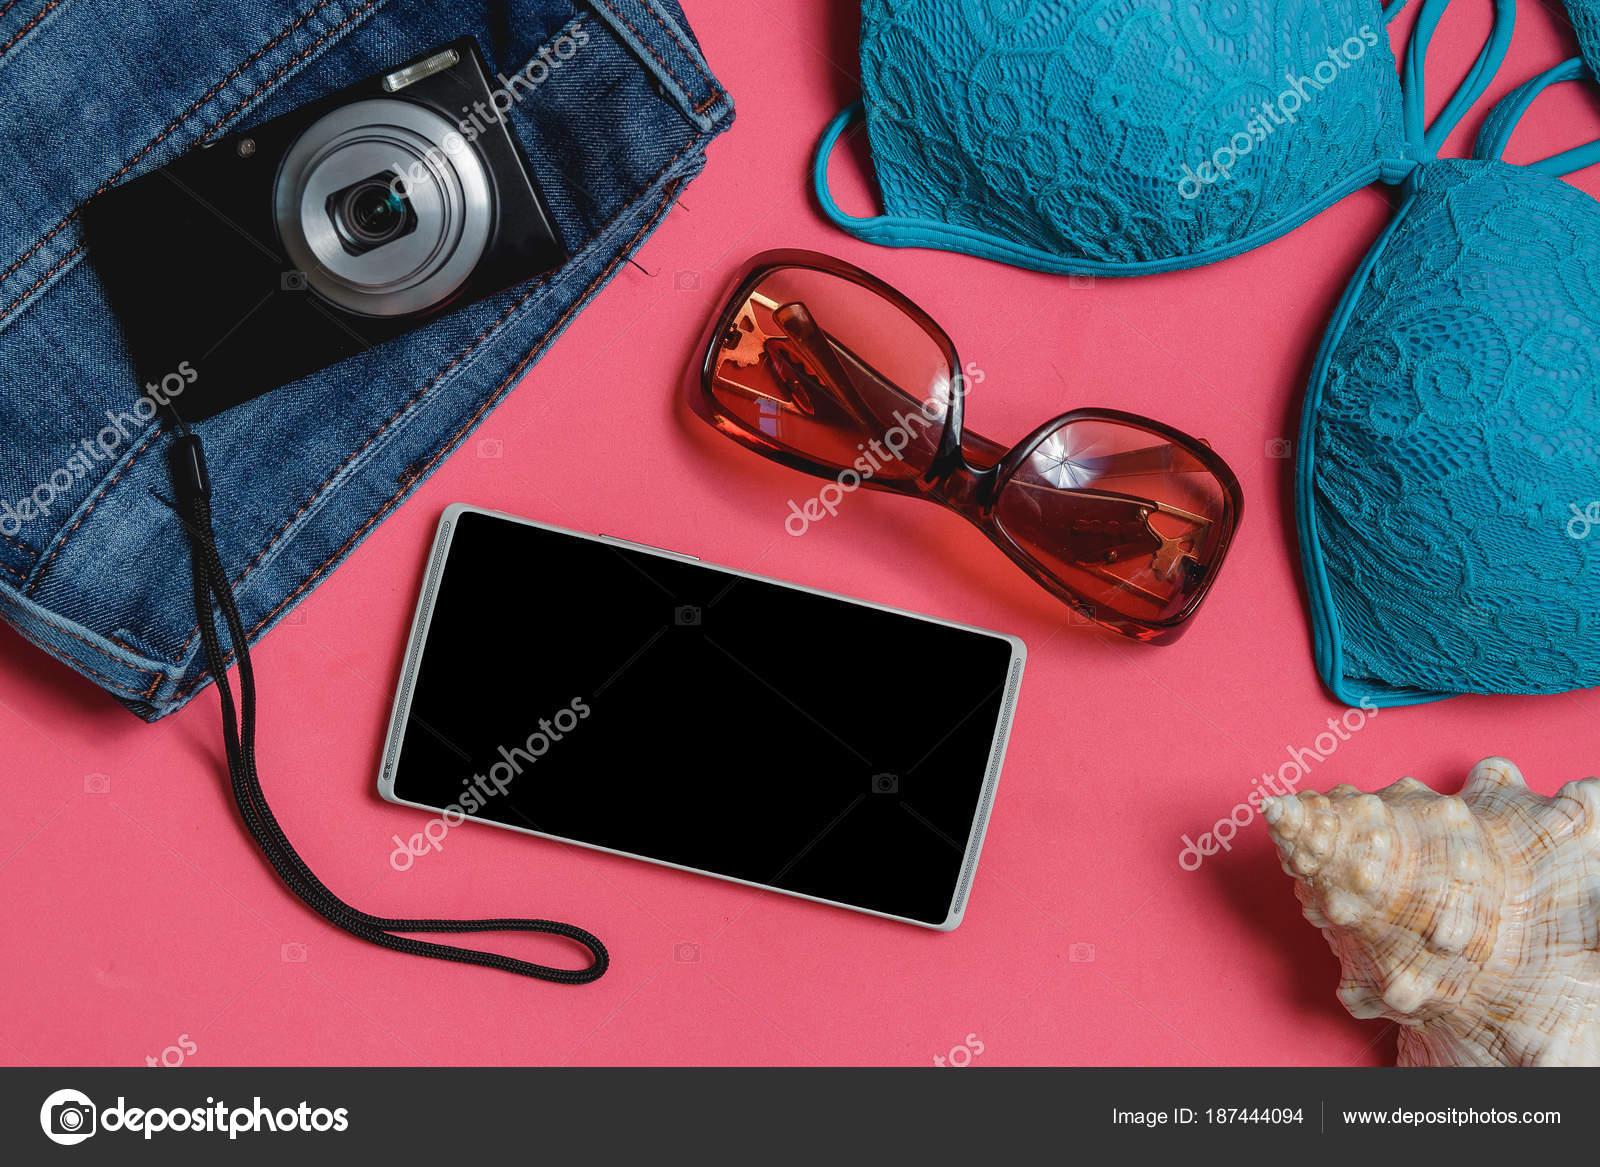 c3621ed6ee30d Smartphone